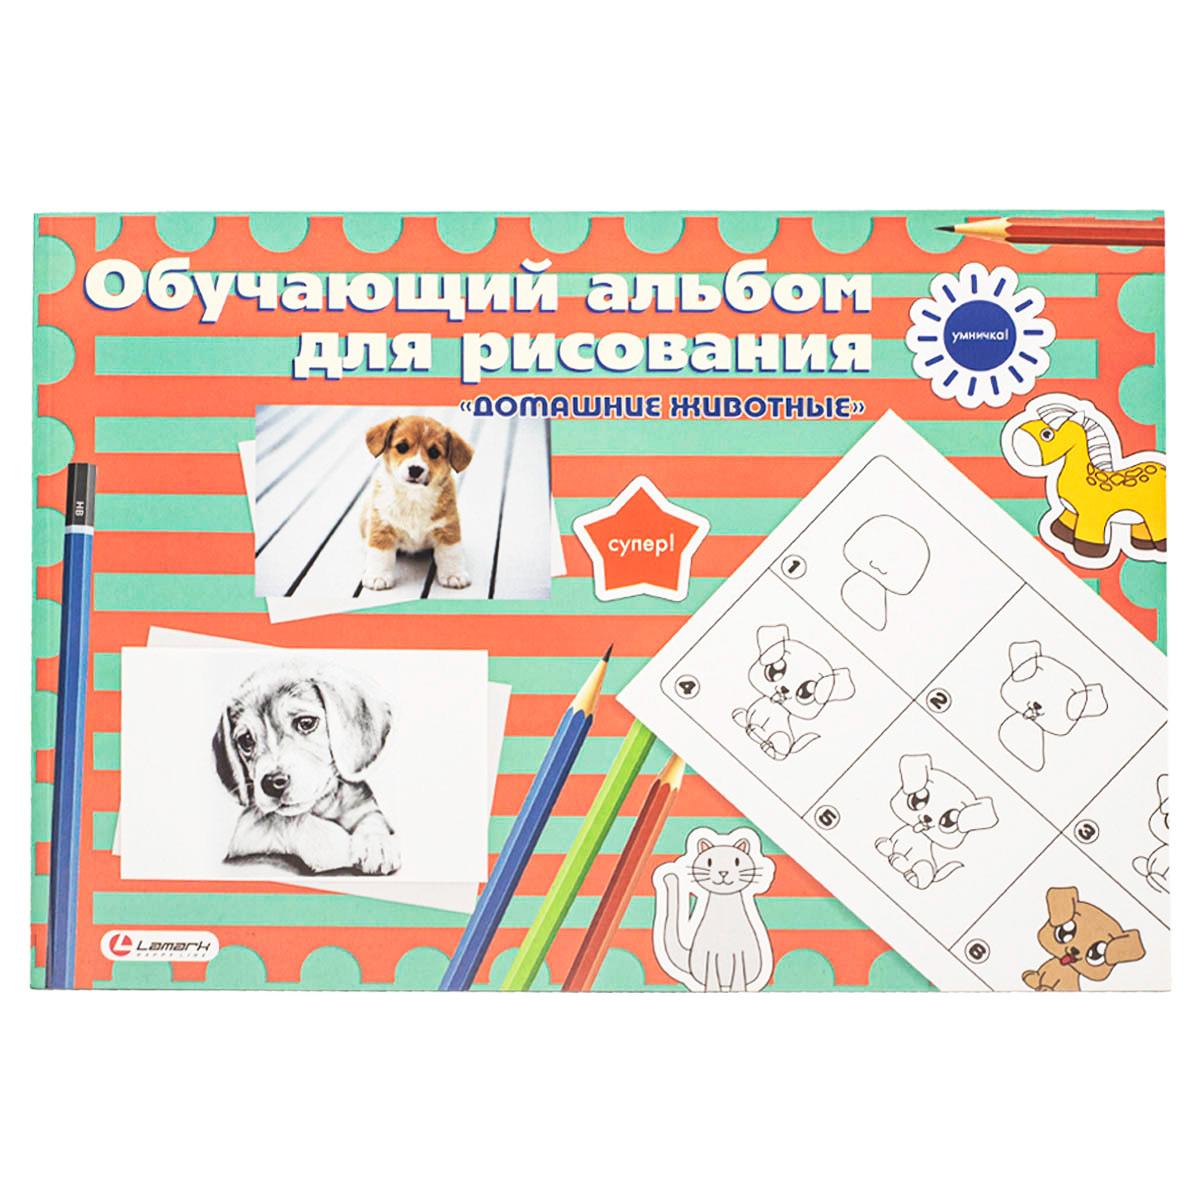 LAMARK28411 Альбом для рисования Обучающий 24л. на склейке Домашние животные, 100г/м